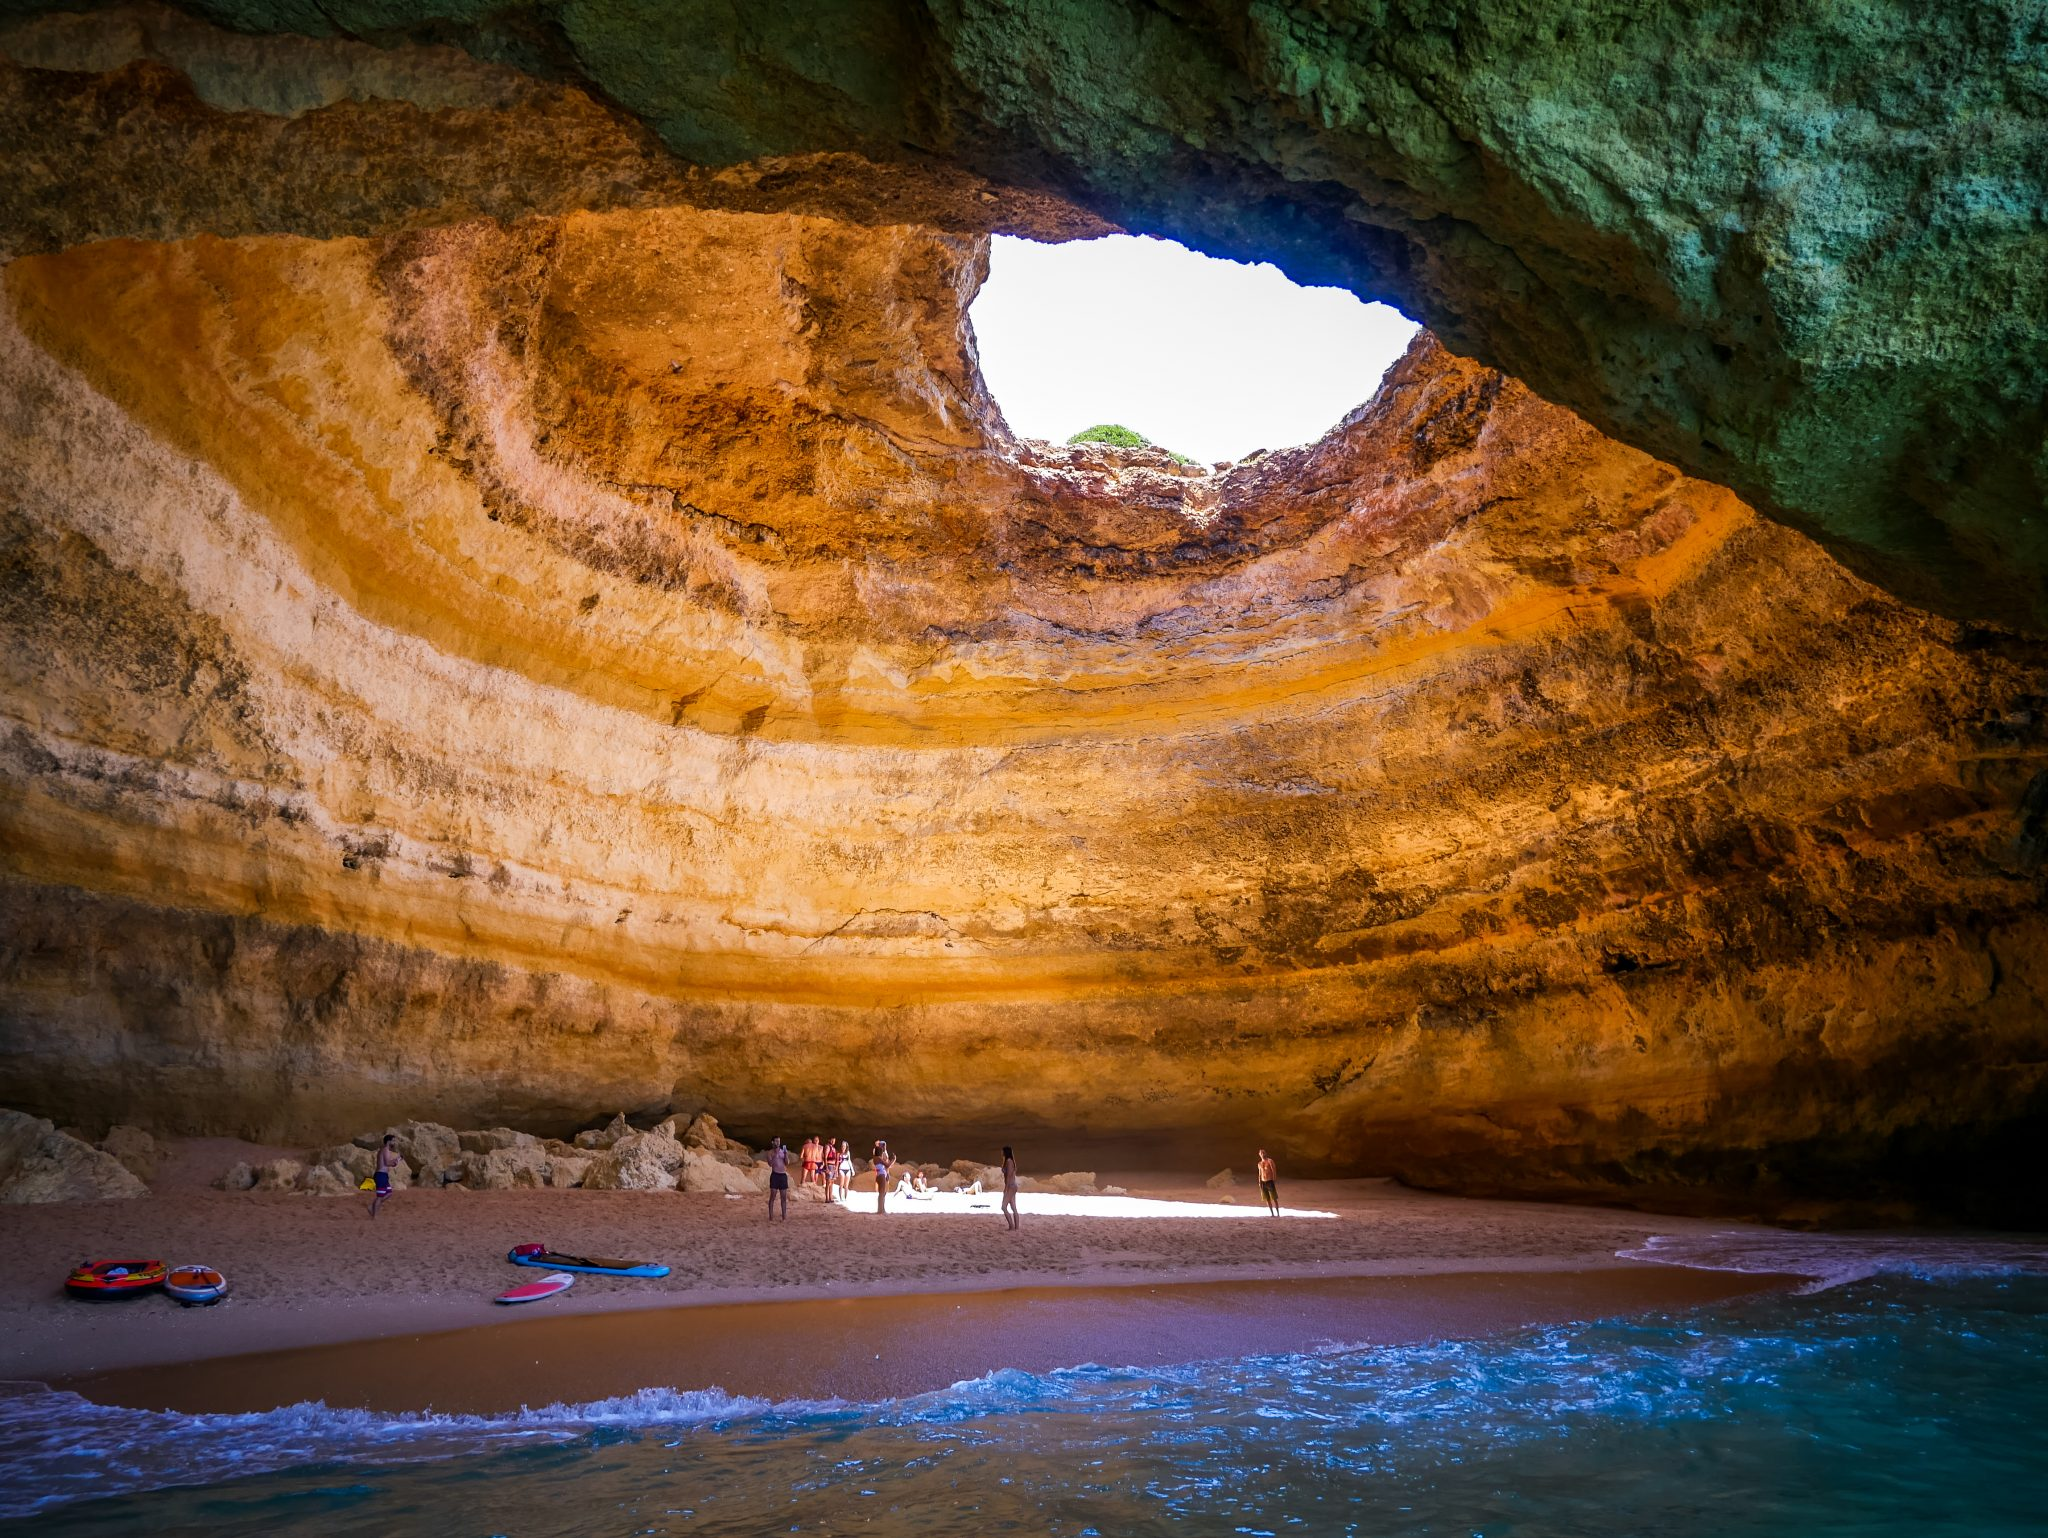 Viele schwimmen vom Strand zu der berühmten Höhle mit einer Luftmatratze oder einem Kayak.